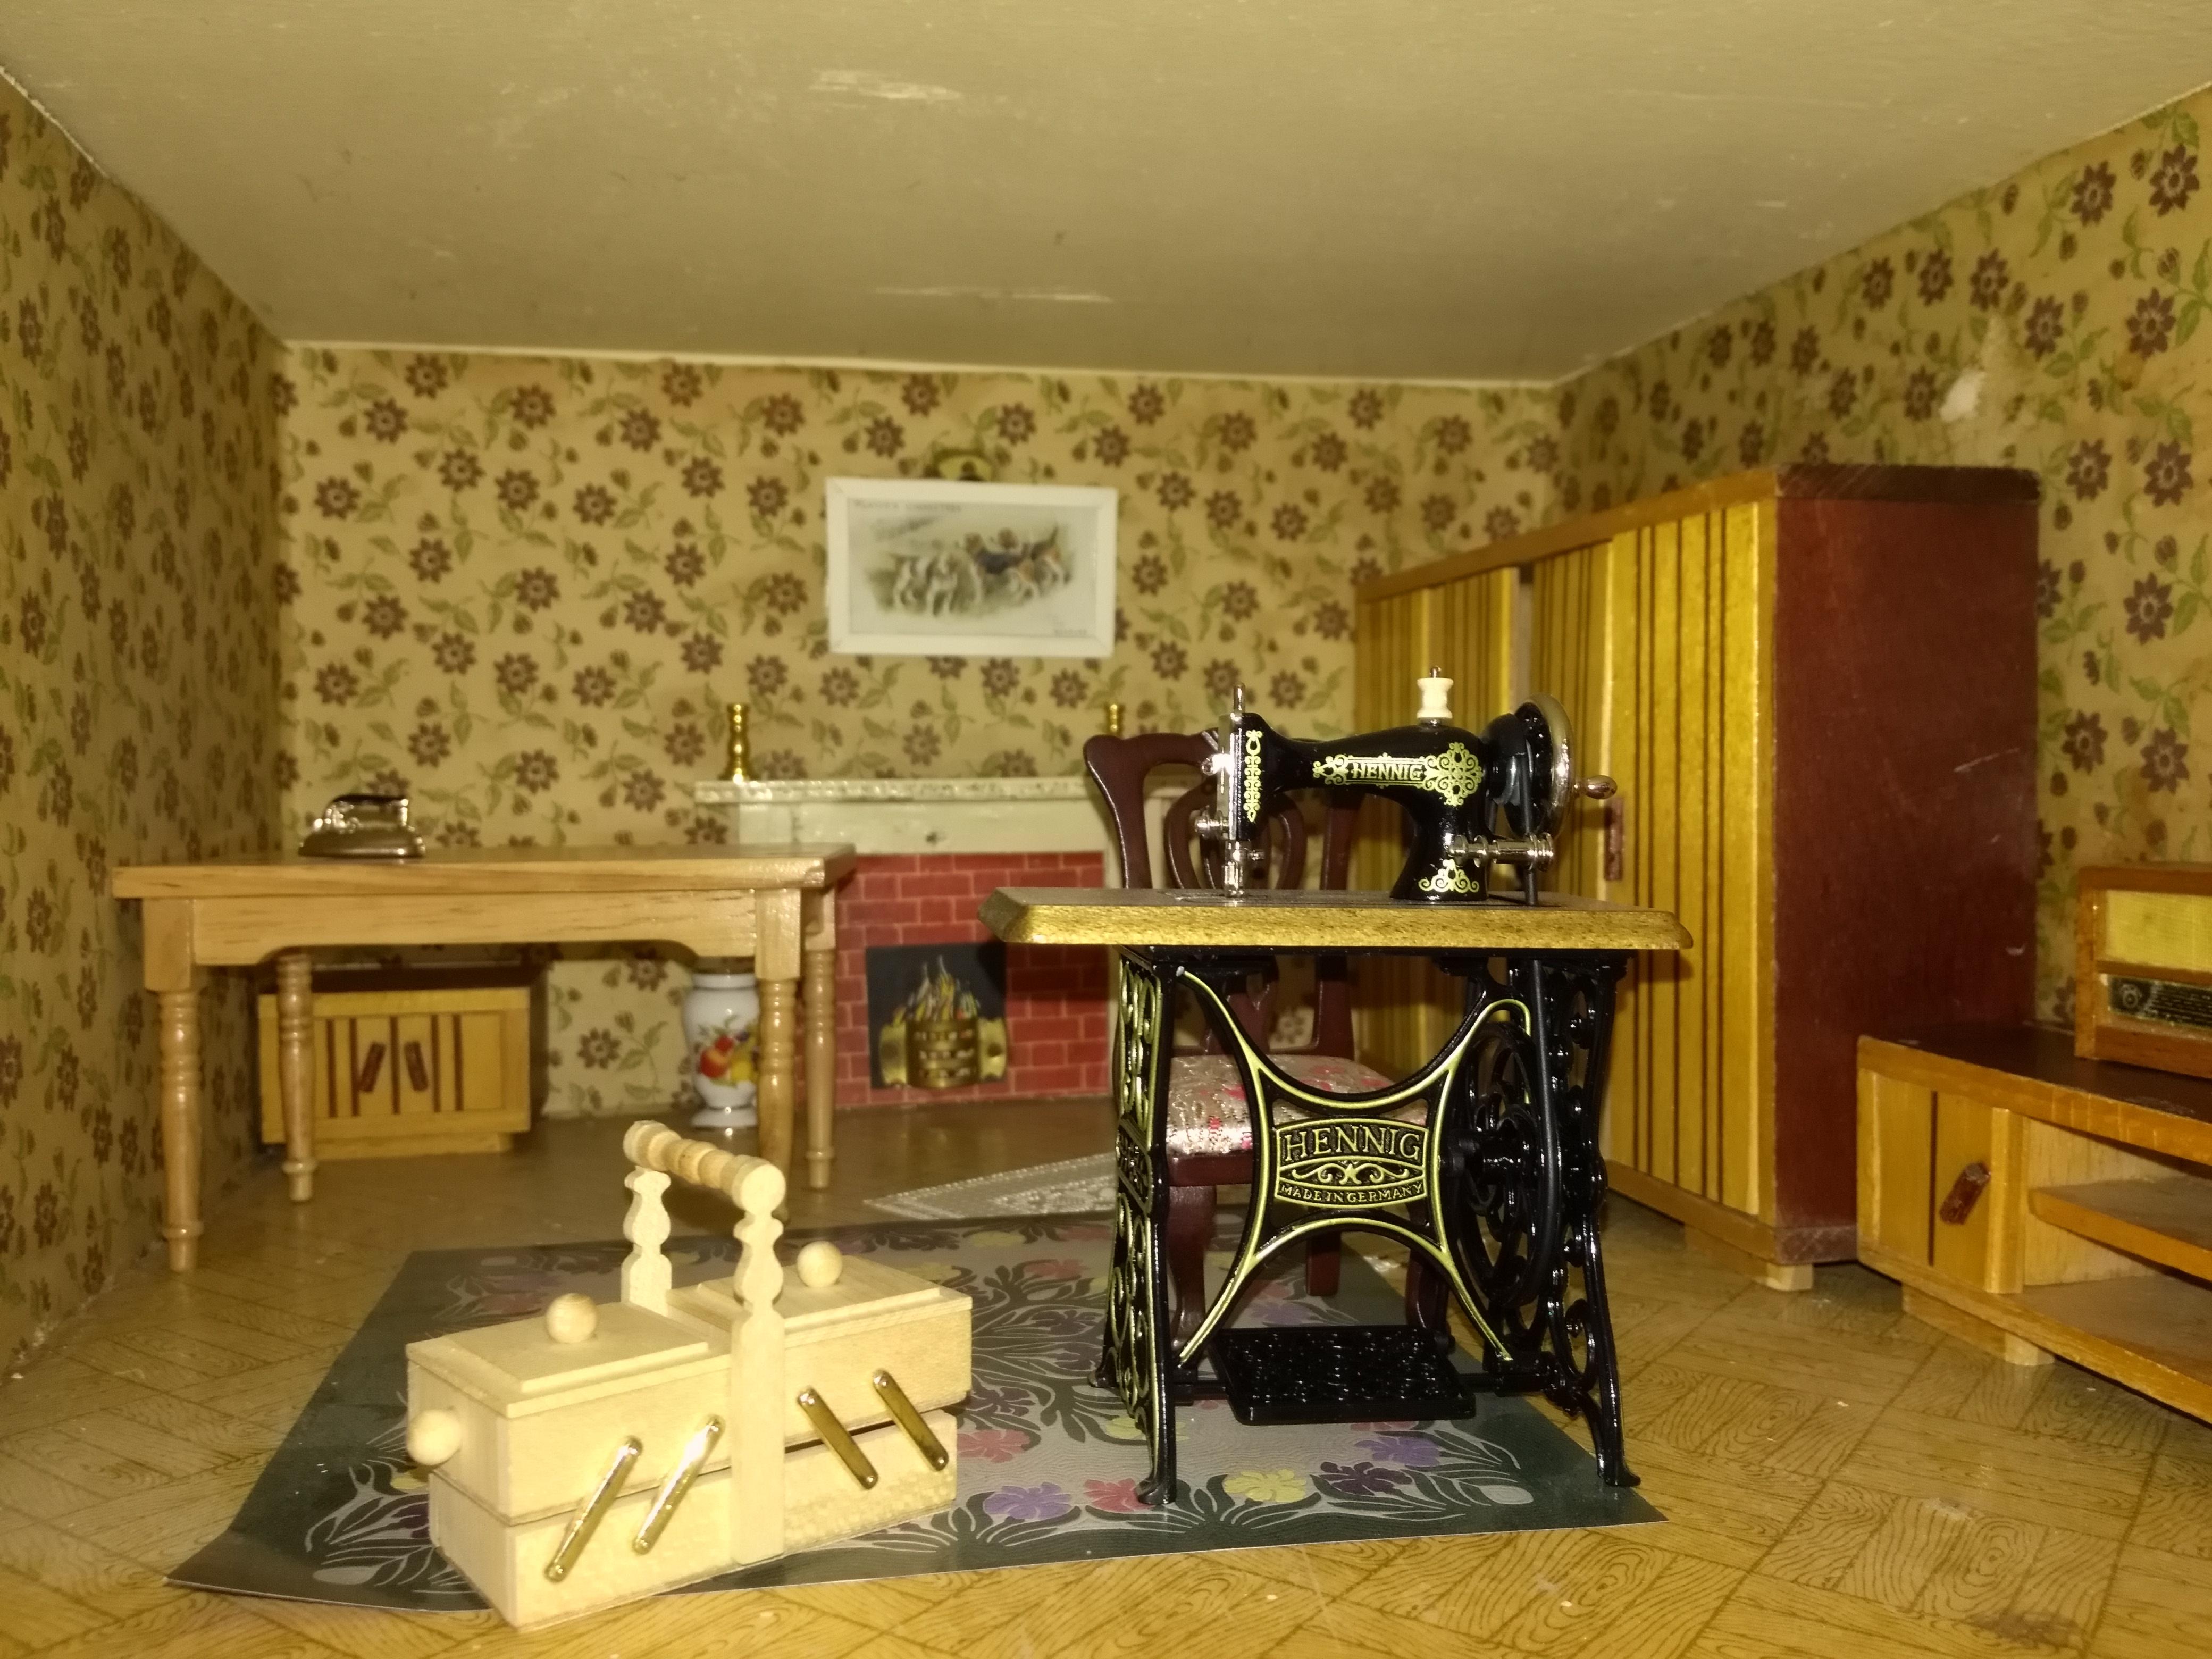 Grandmas sewing room